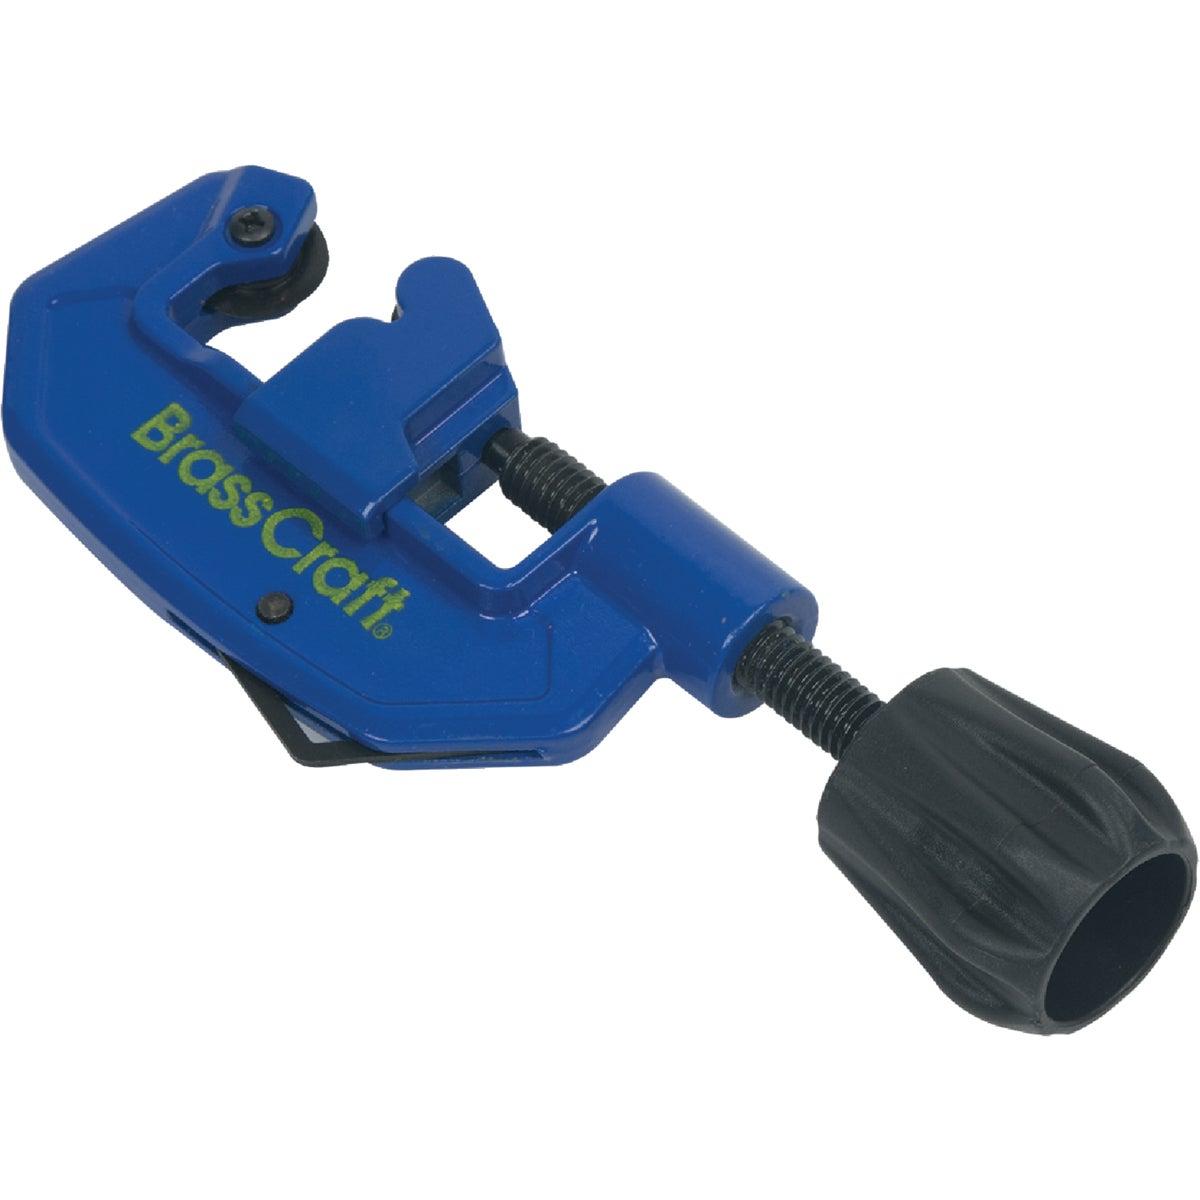 BrassCraft 1/8 In. to 1-1/8 In. Heavy-Duty Tubing Cutter